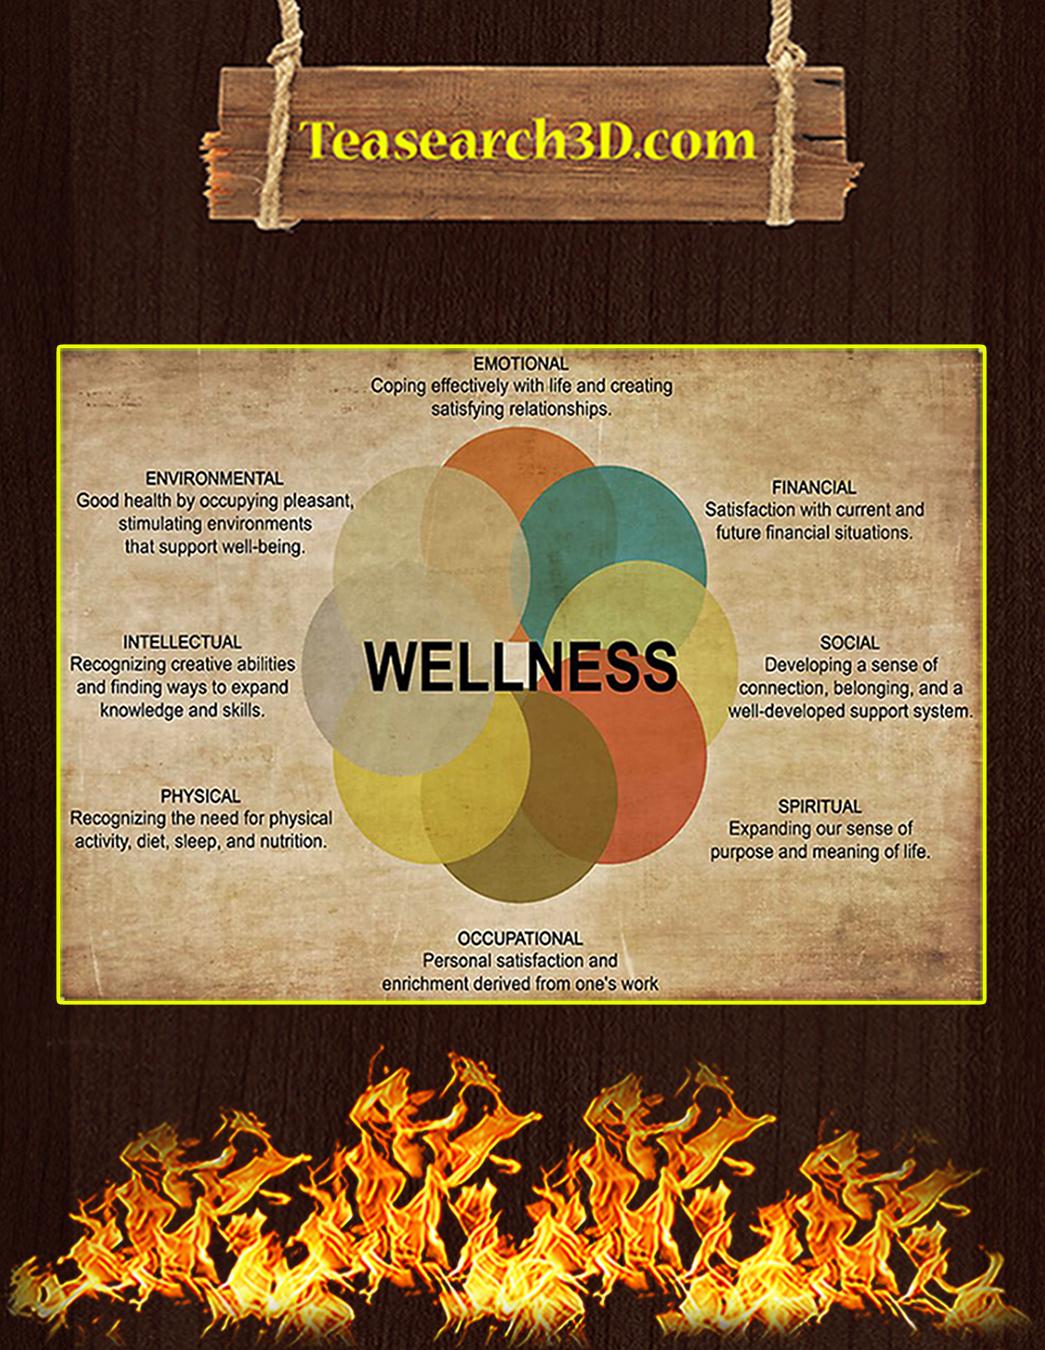 Social worker wellness poster A1